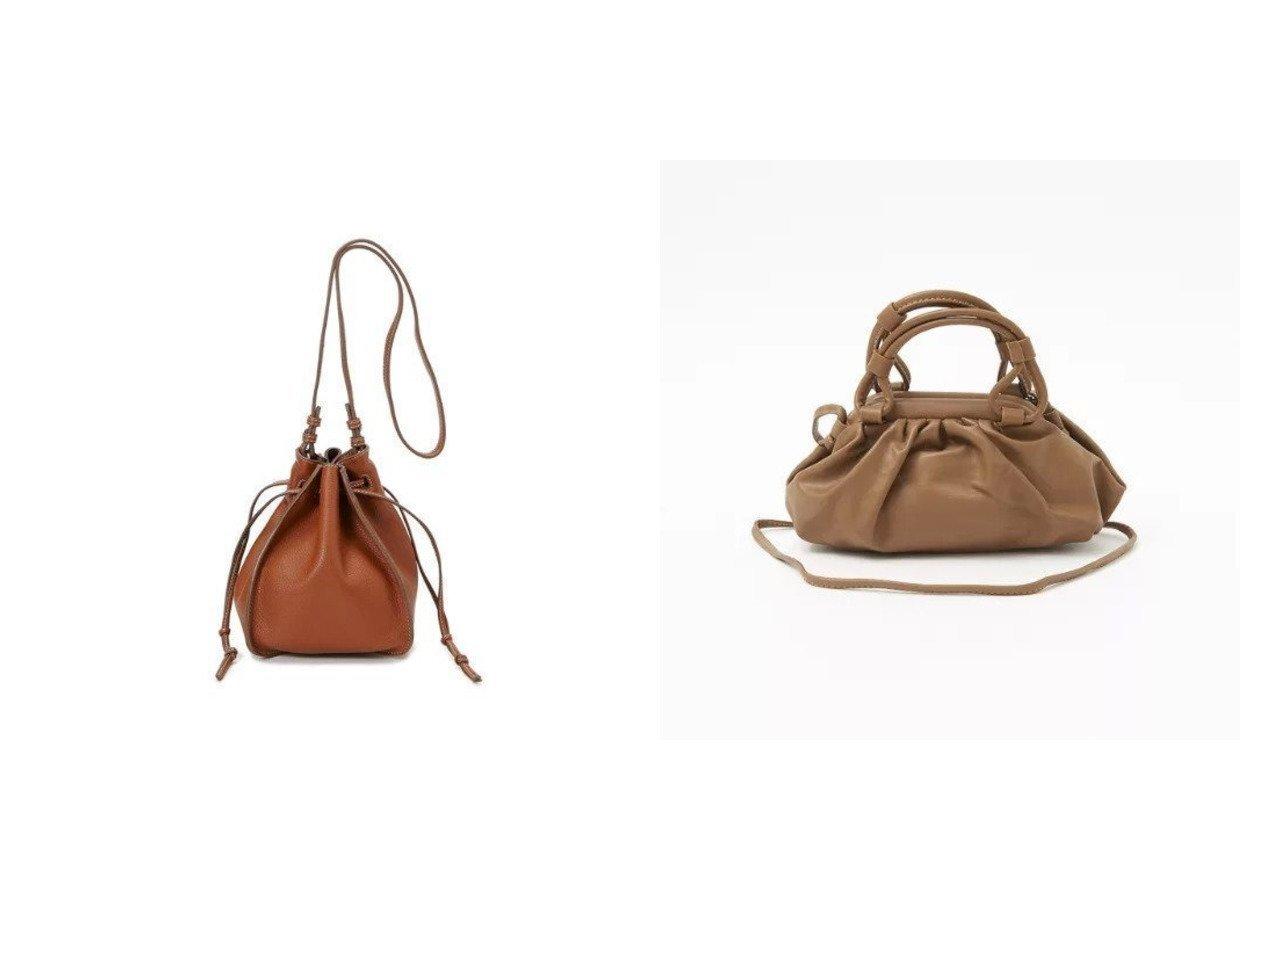 【Rouge vif/ルージュ ヴィフ】の【MOHI】ギャザーバッグ&【TOPKAPI/トプカピ】のロープハンドル巾着 2way ショルダーバッグ バッグ・鞄のおすすめ!人気、トレンド・レディースファッションの通販 おすすめで人気の流行・トレンド、ファッションの通販商品 メンズファッション・キッズファッション・インテリア・家具・レディースファッション・服の通販 founy(ファニー) https://founy.com/ ファッション Fashion レディースファッション WOMEN バッグ Bag なめらか ギャザー サンダル スニーカー モダン ショルダー シンプル 巾着  ID:crp329100000014477